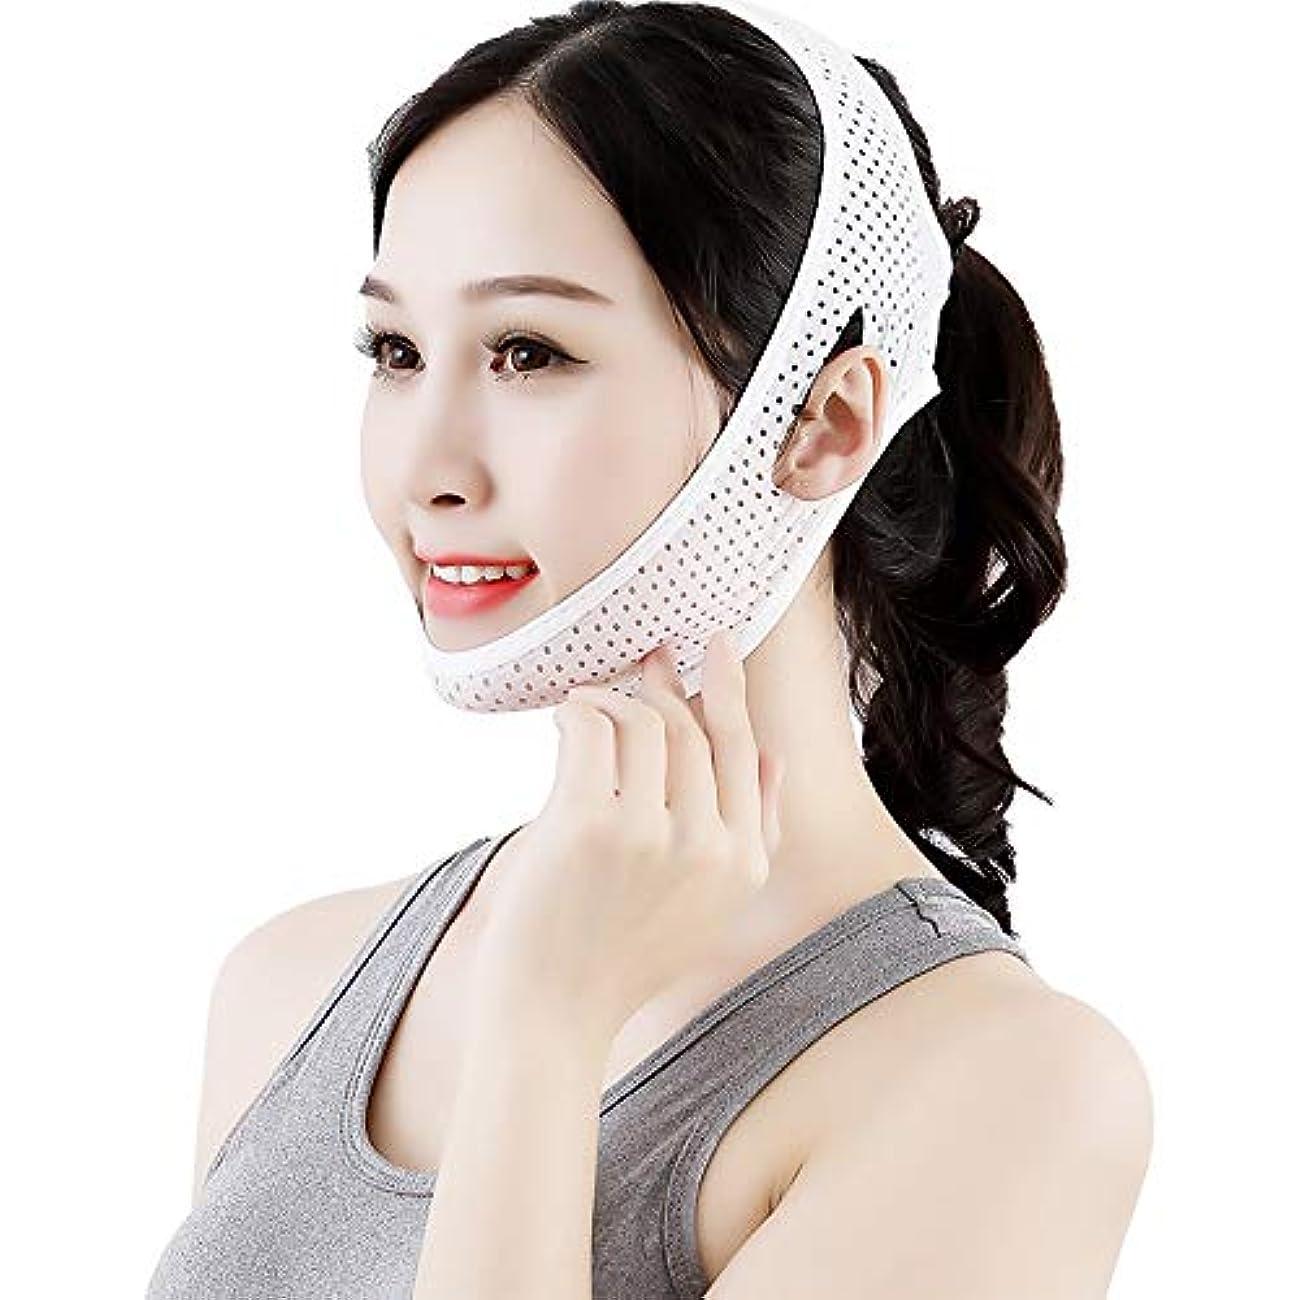 トレード海外で気性フェイスリフティングベルト、物理的なプラスチックスリープ薄い顔の包帯ダブルチンリデューサーフェイス美容リフティングファーミングストラップマスク (Color : A)